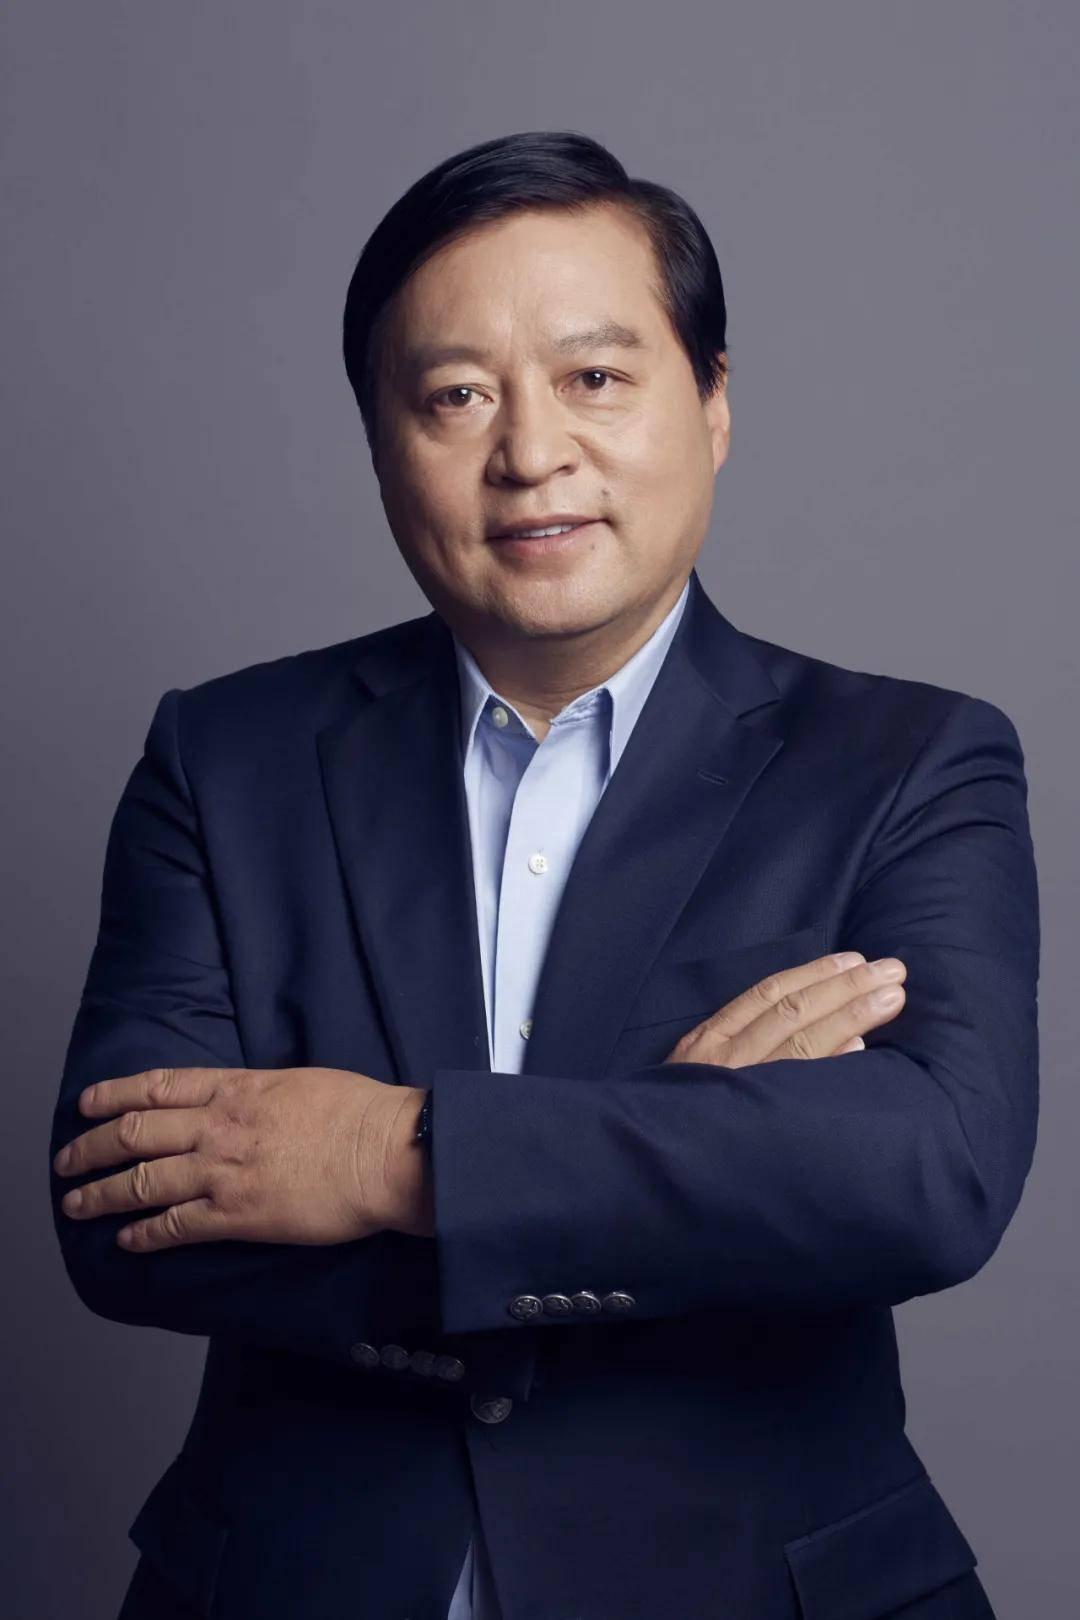 达闼科技黄晓庆:我们与机器人,是情侣关系